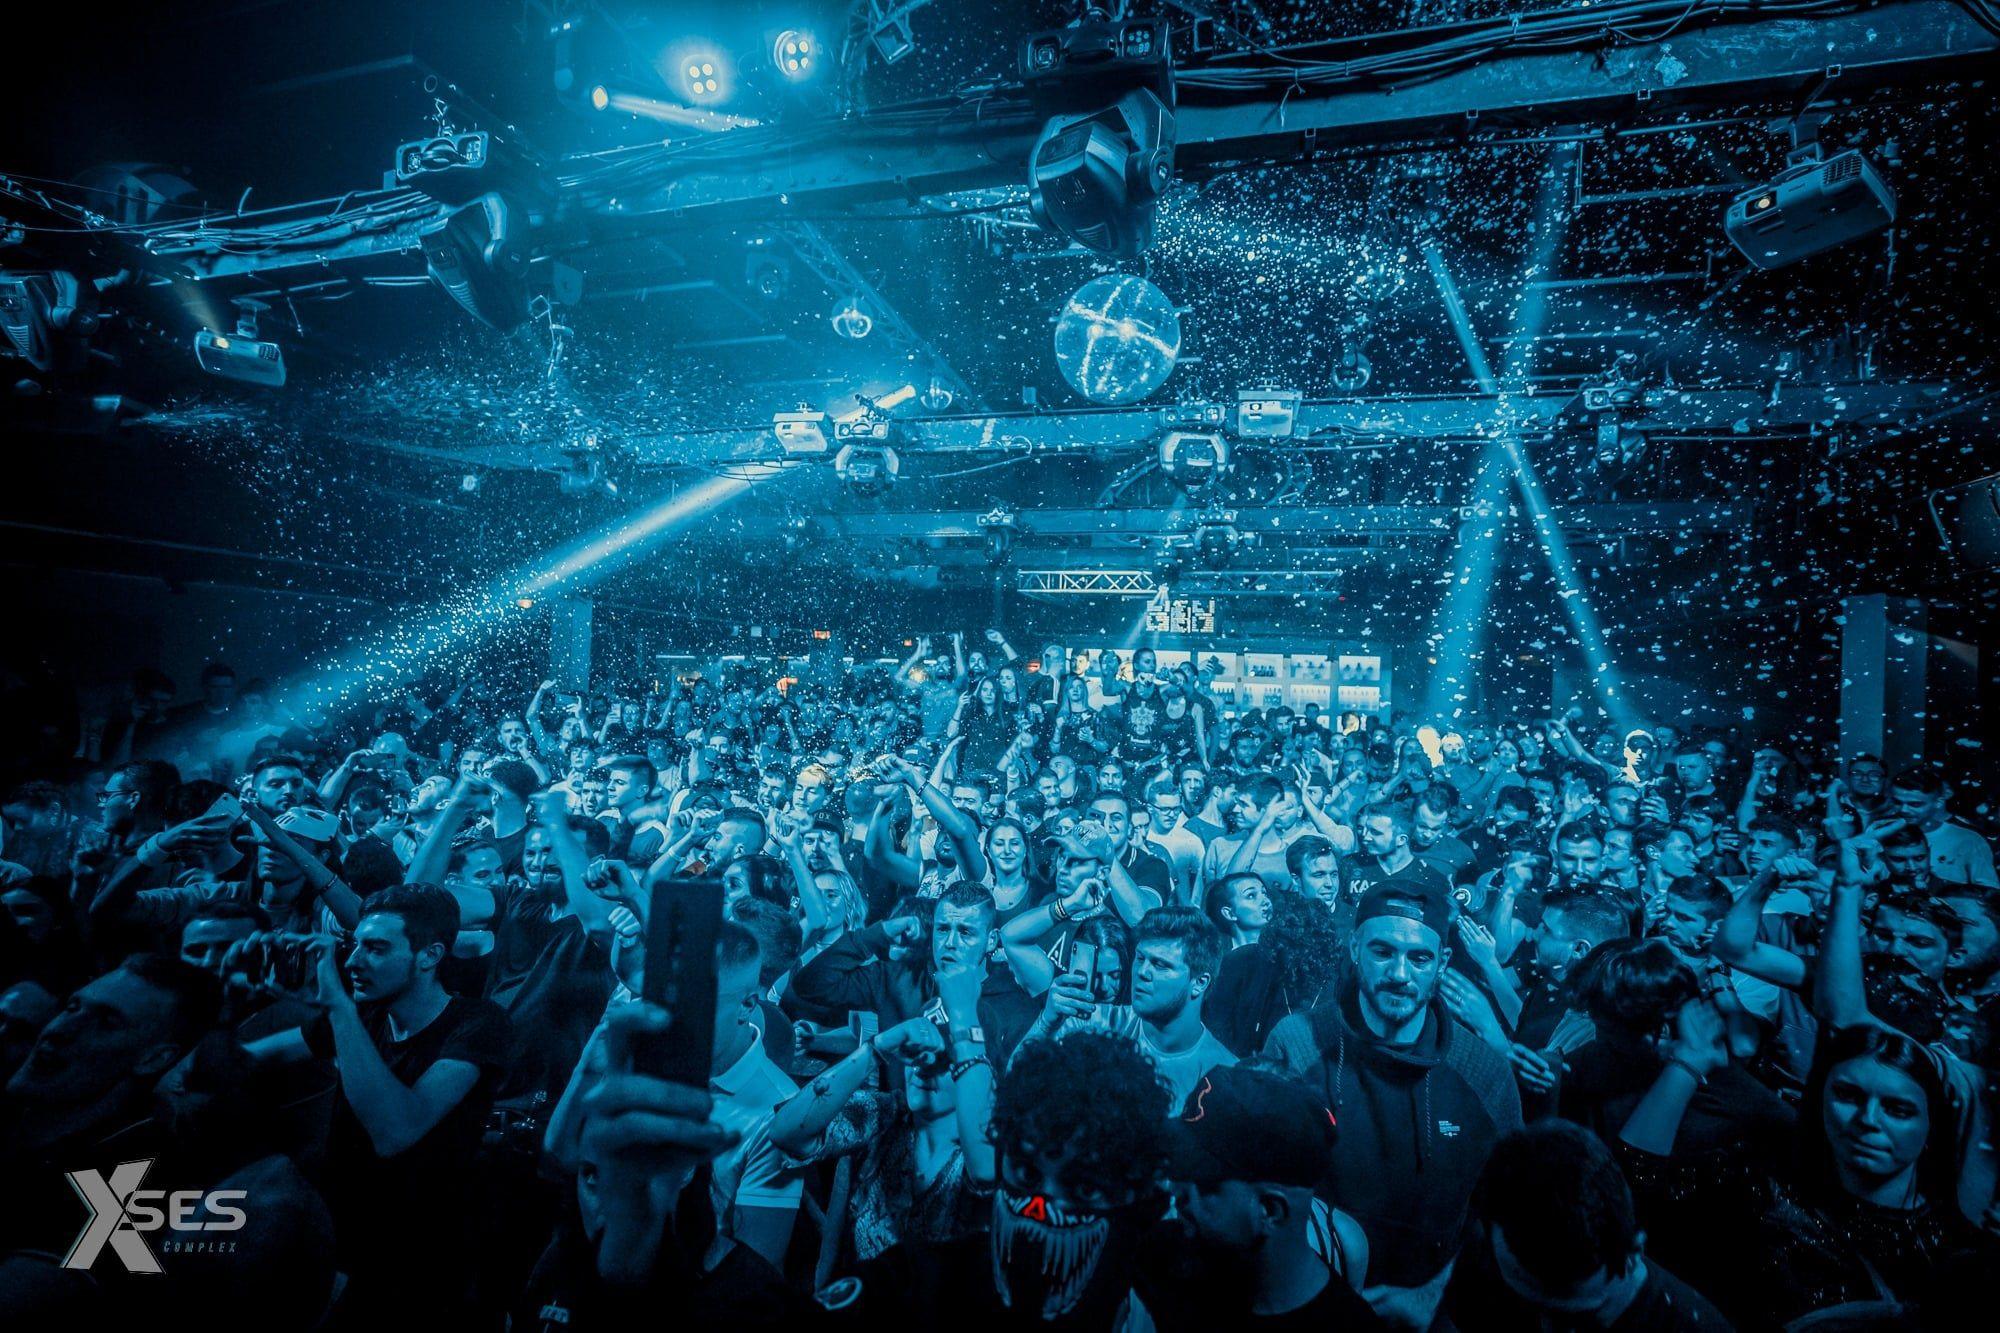 Xses club à Lyon